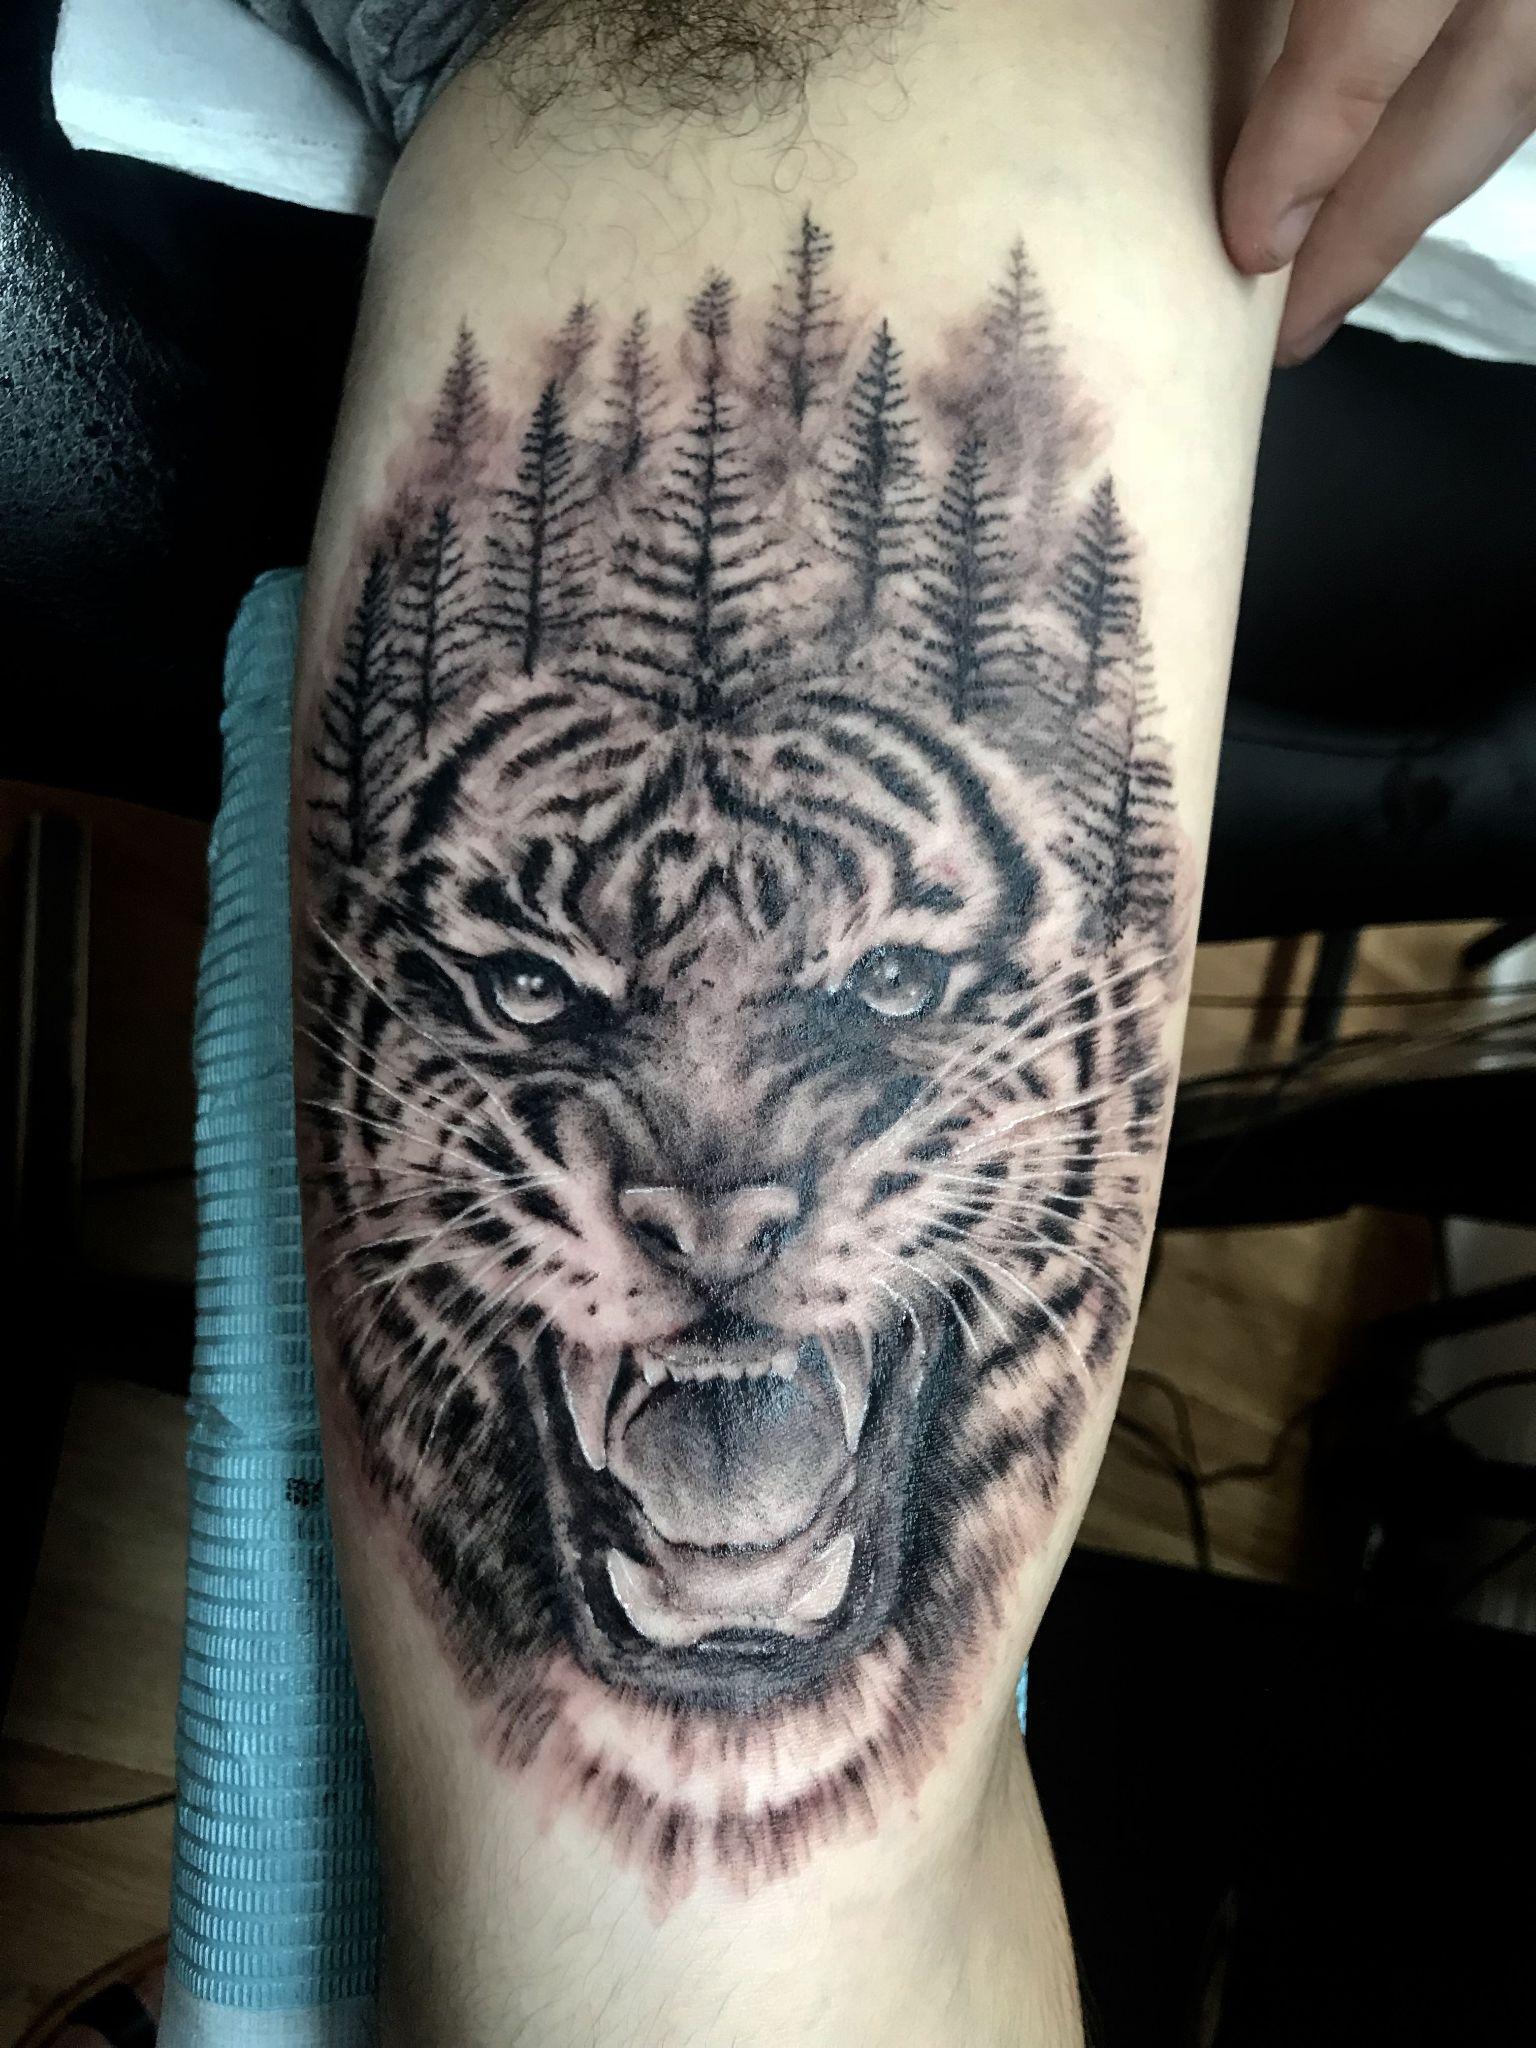 ลายสักเสือ ภาพเหมือนขาวดำ